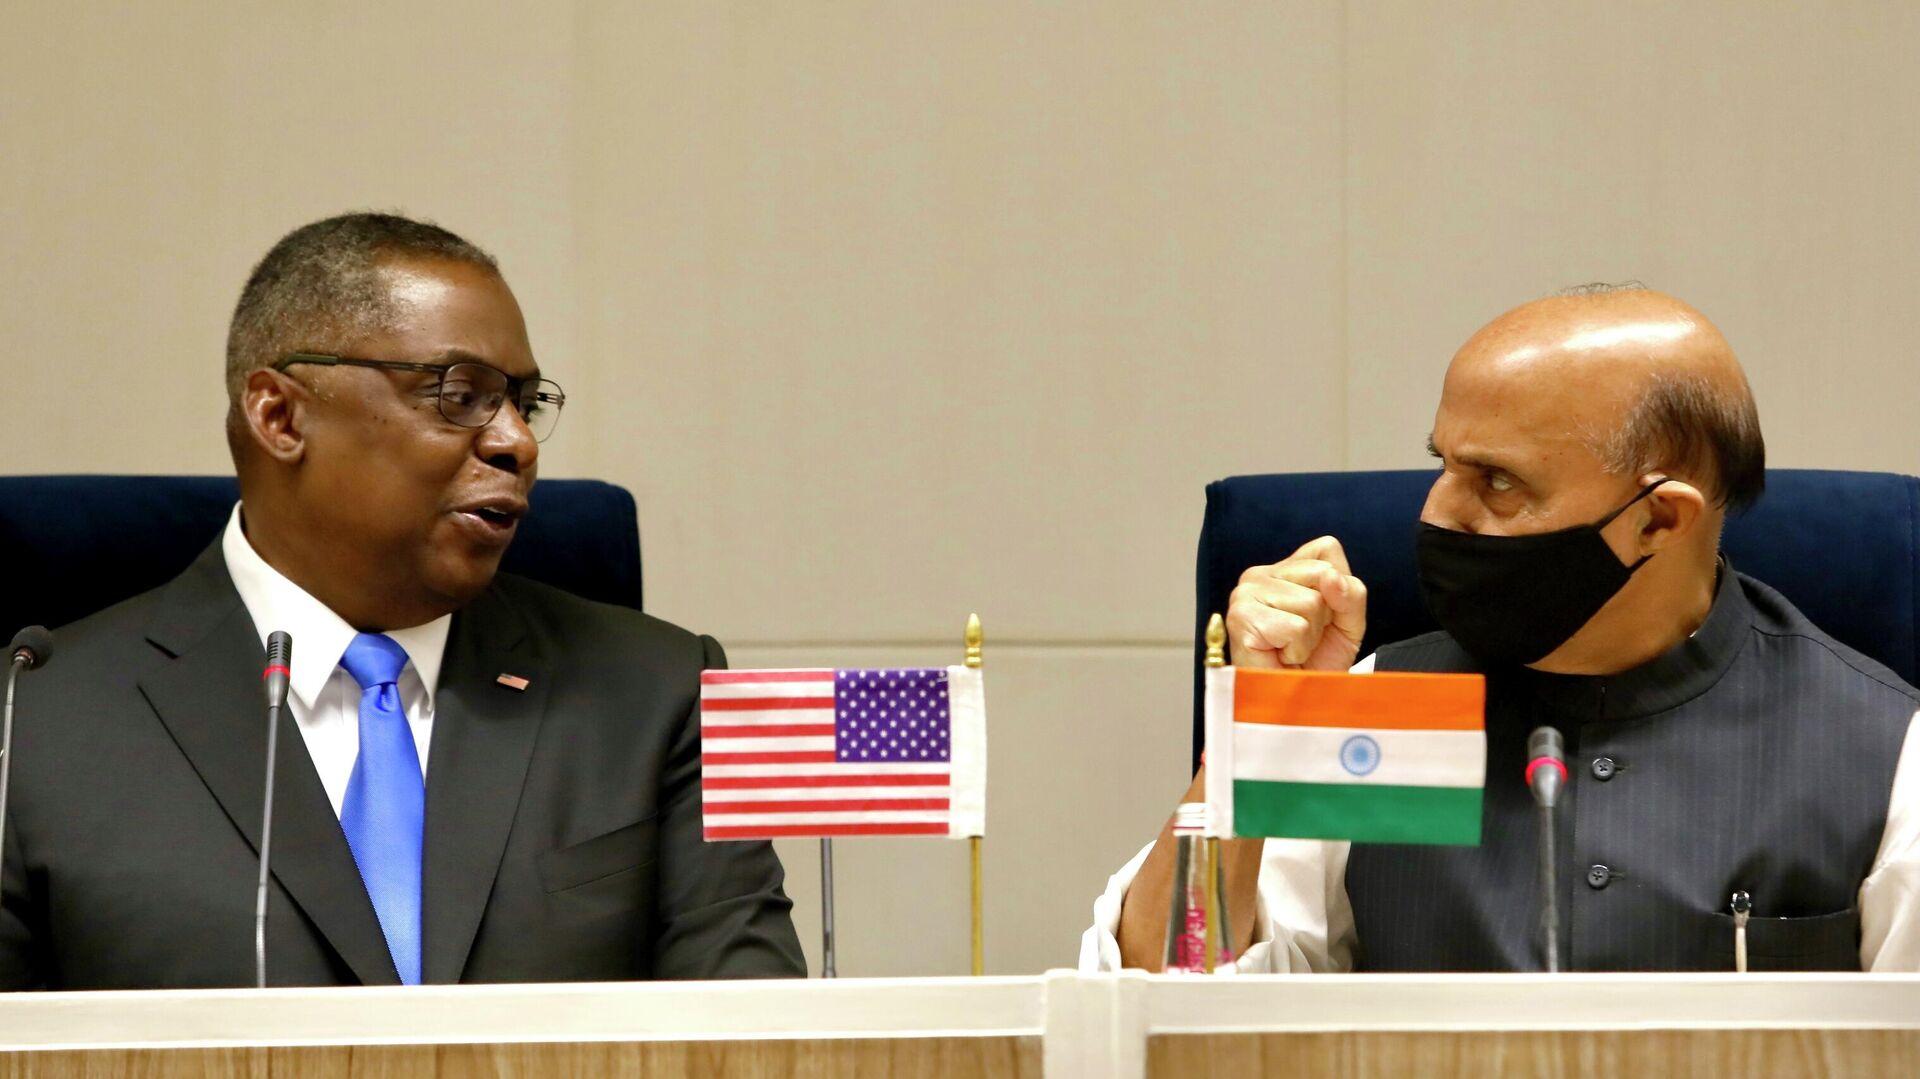 El secretario de Defensa de EEUU, Lloyd Austin, junto a su homólogo indio, Rajnath Singh - Sputnik Mundo, 1920, 21.03.2021